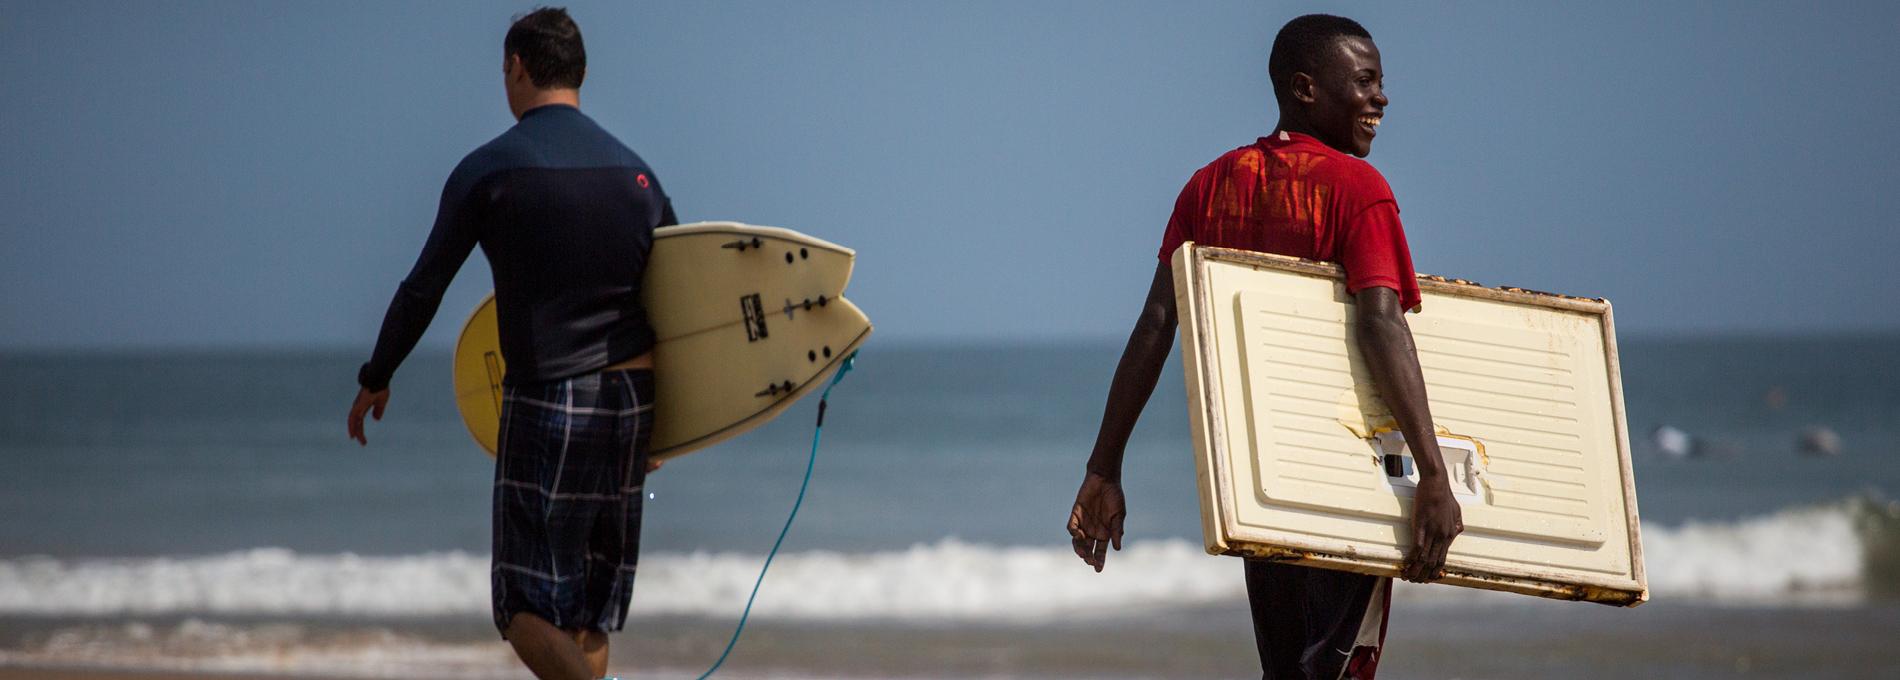 O paraíso de ondas perfeitas em Angola